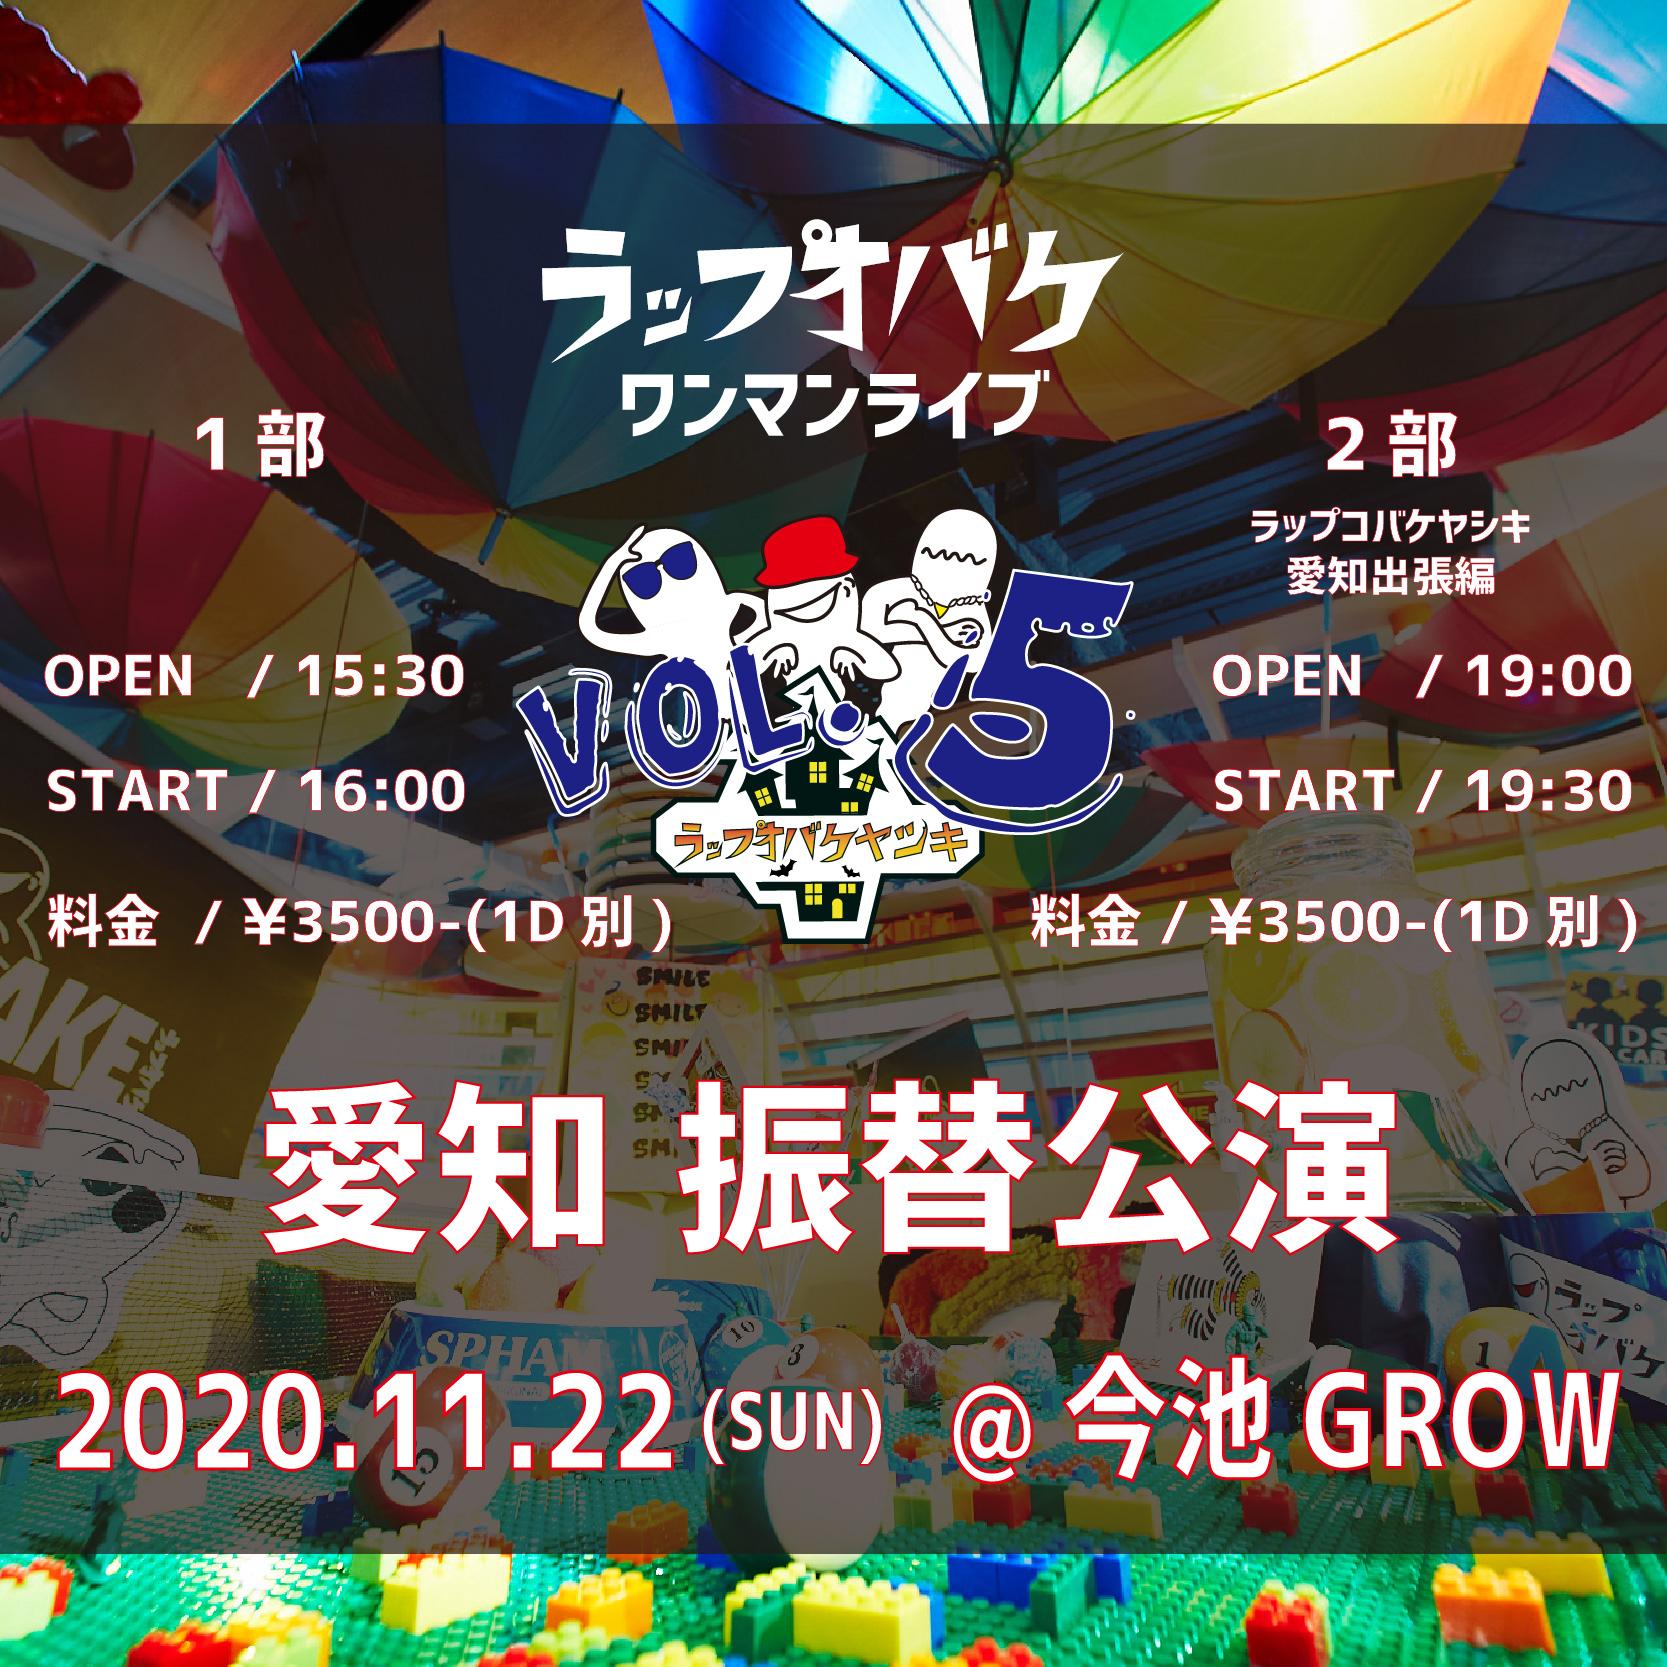 ラップオバケワンマンライブ【ラップオバケヤシキ Vol.5】愛知 振替公演